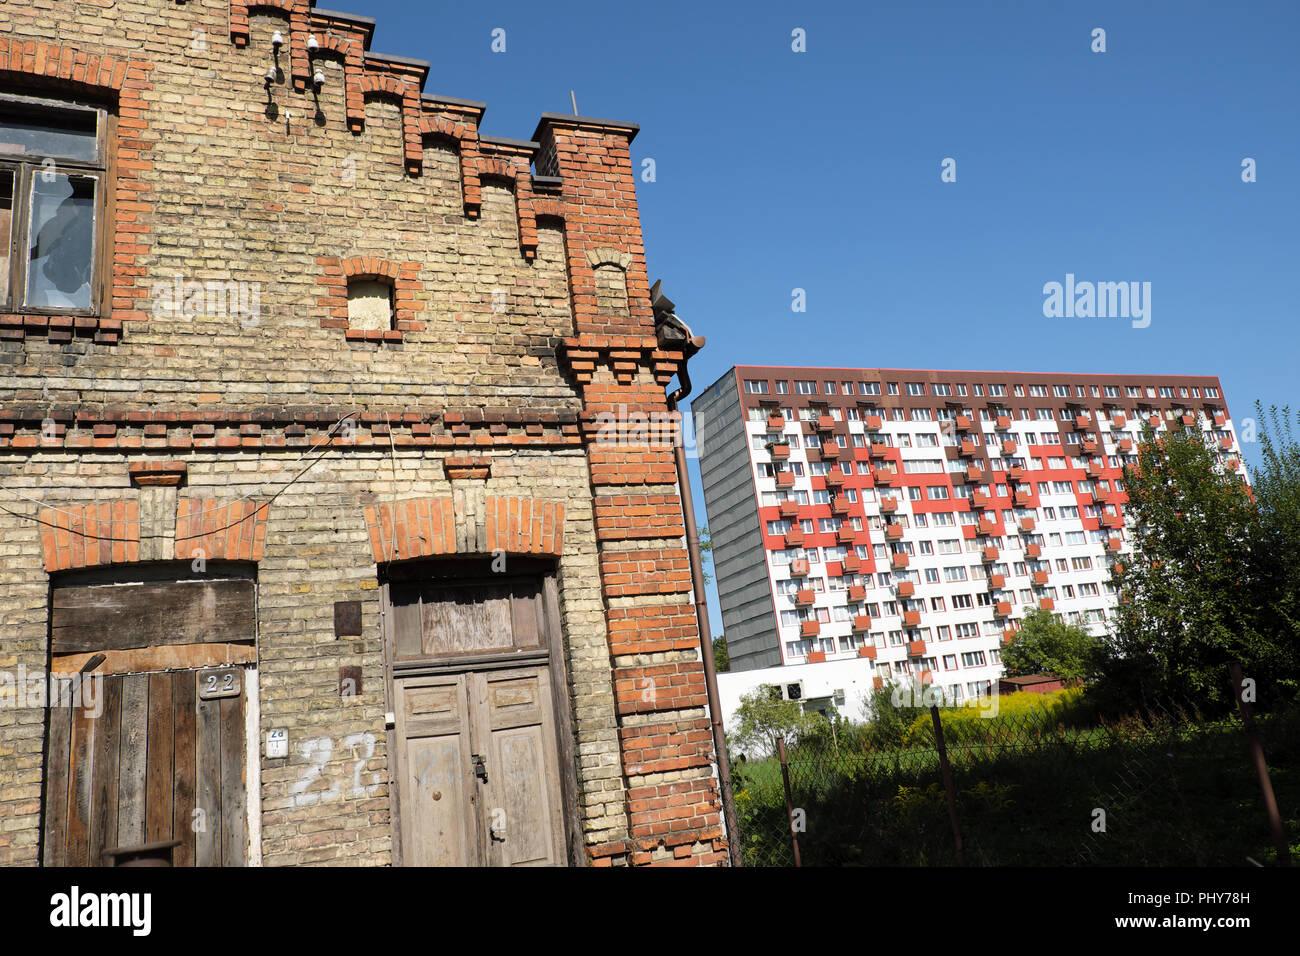 Bialystok Pologne contraste entre l'ancien en briques et l'abandon de la propriété moderne bloc d'appartements de grande hauteur Banque D'Images